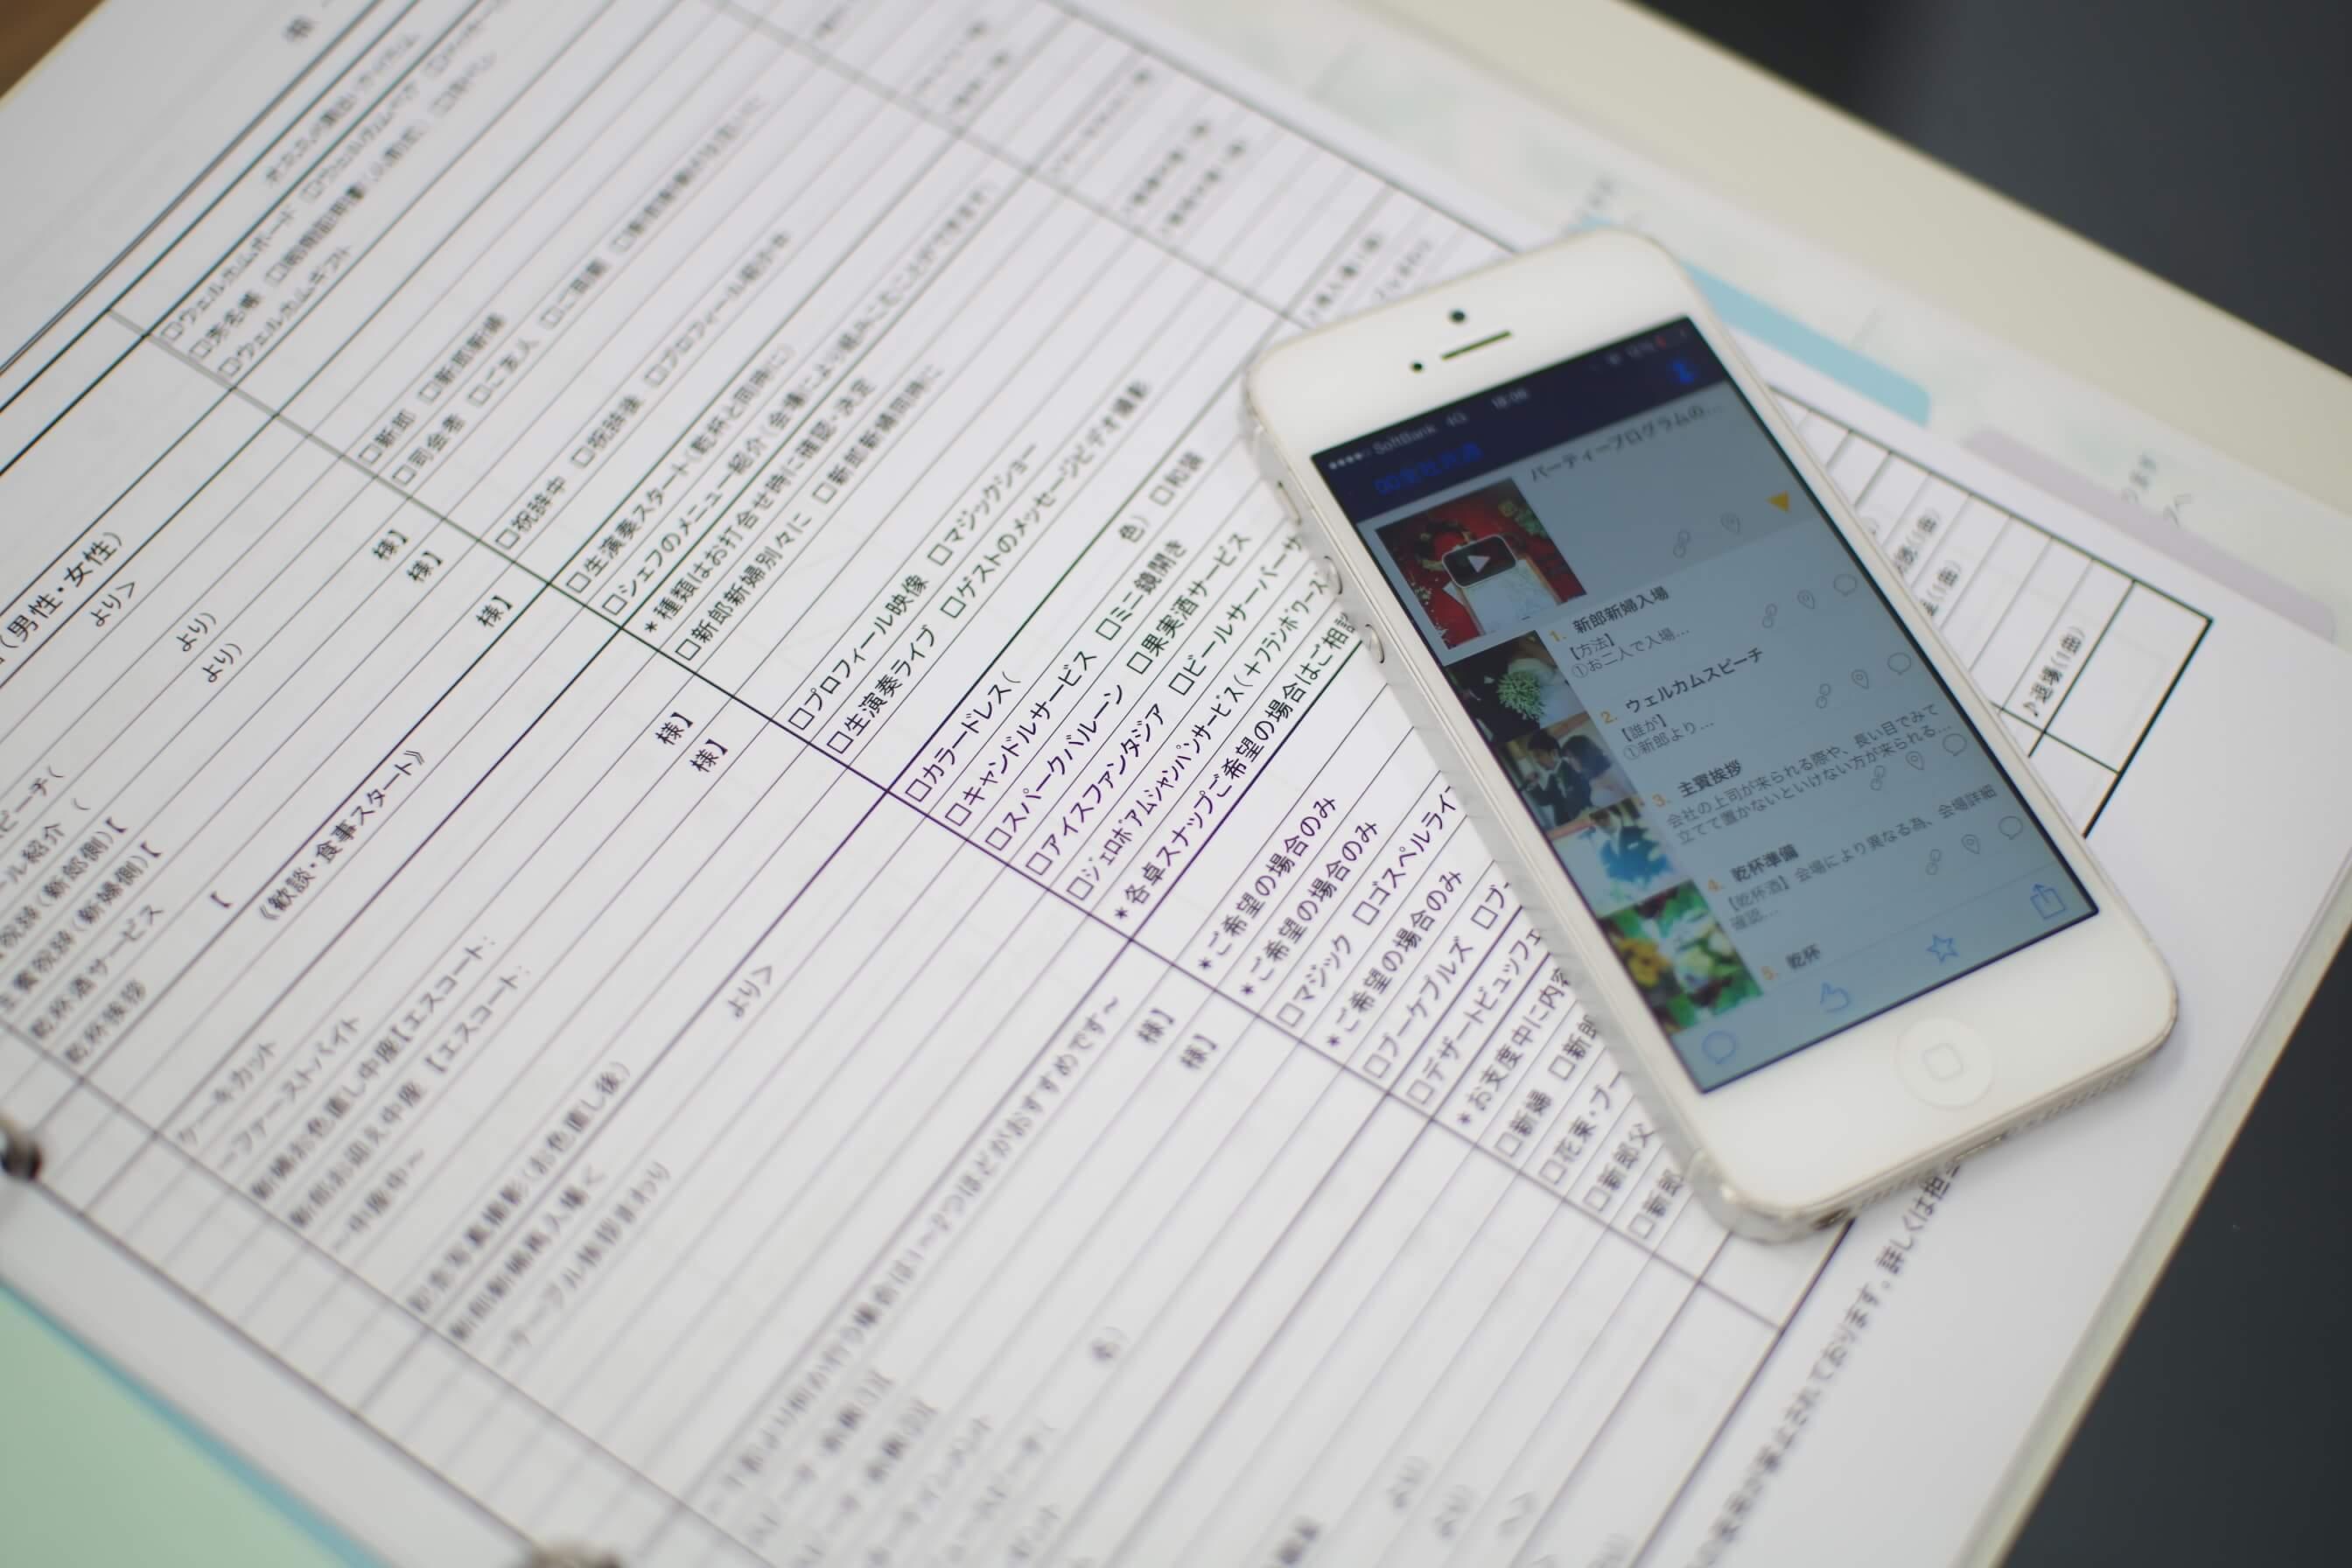 アライヴァルにおける活用場面。パーティーの運営は「完璧ファイル」のチェックリストとTeachmeのマニュアルで把握する。